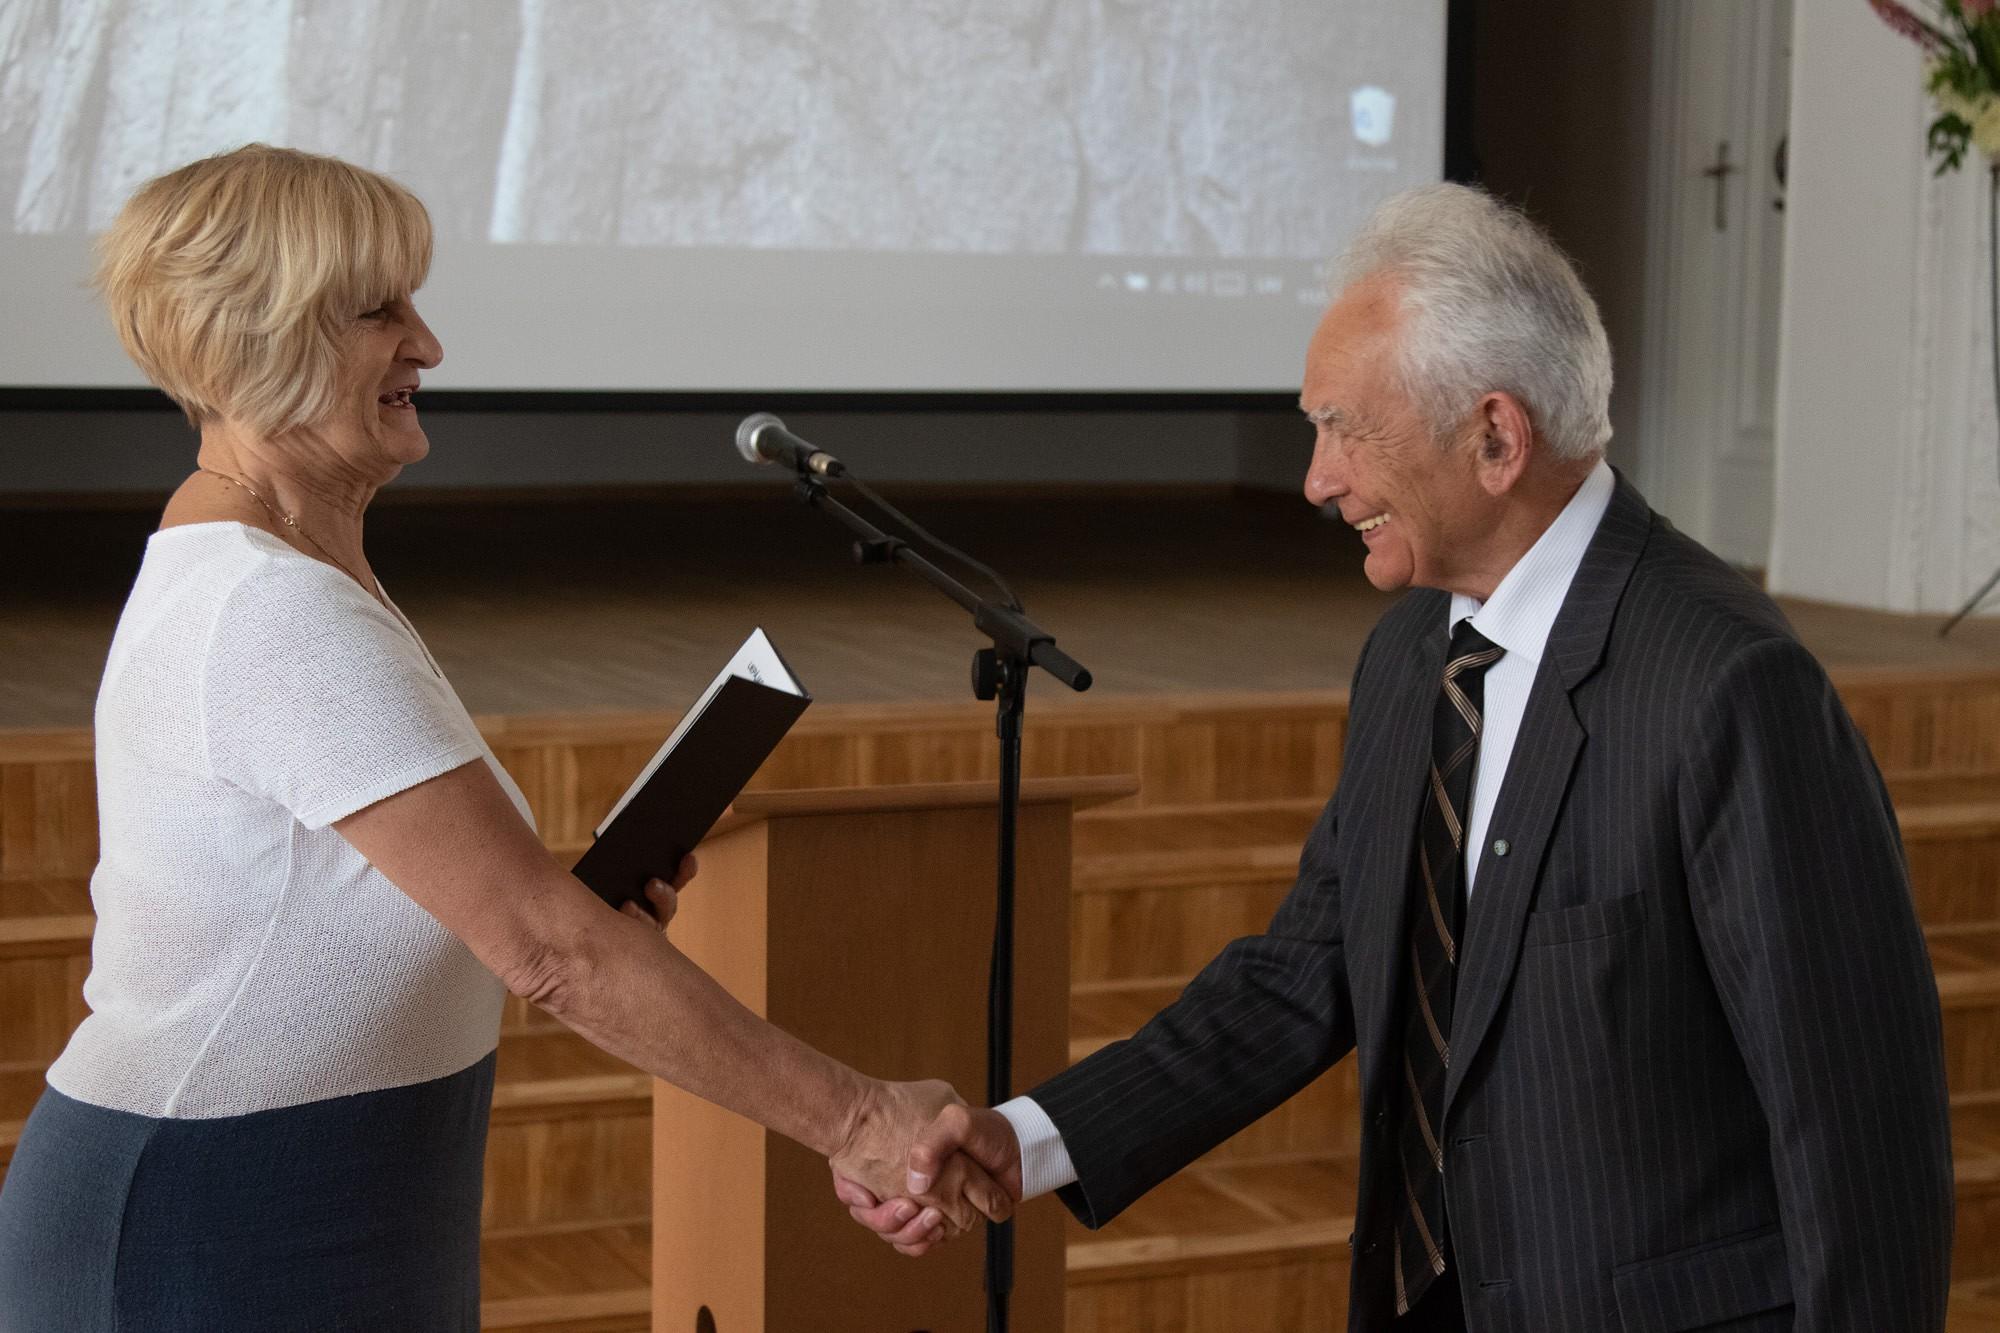 Liepājas Universitātē pasniedz emeritus diplomus